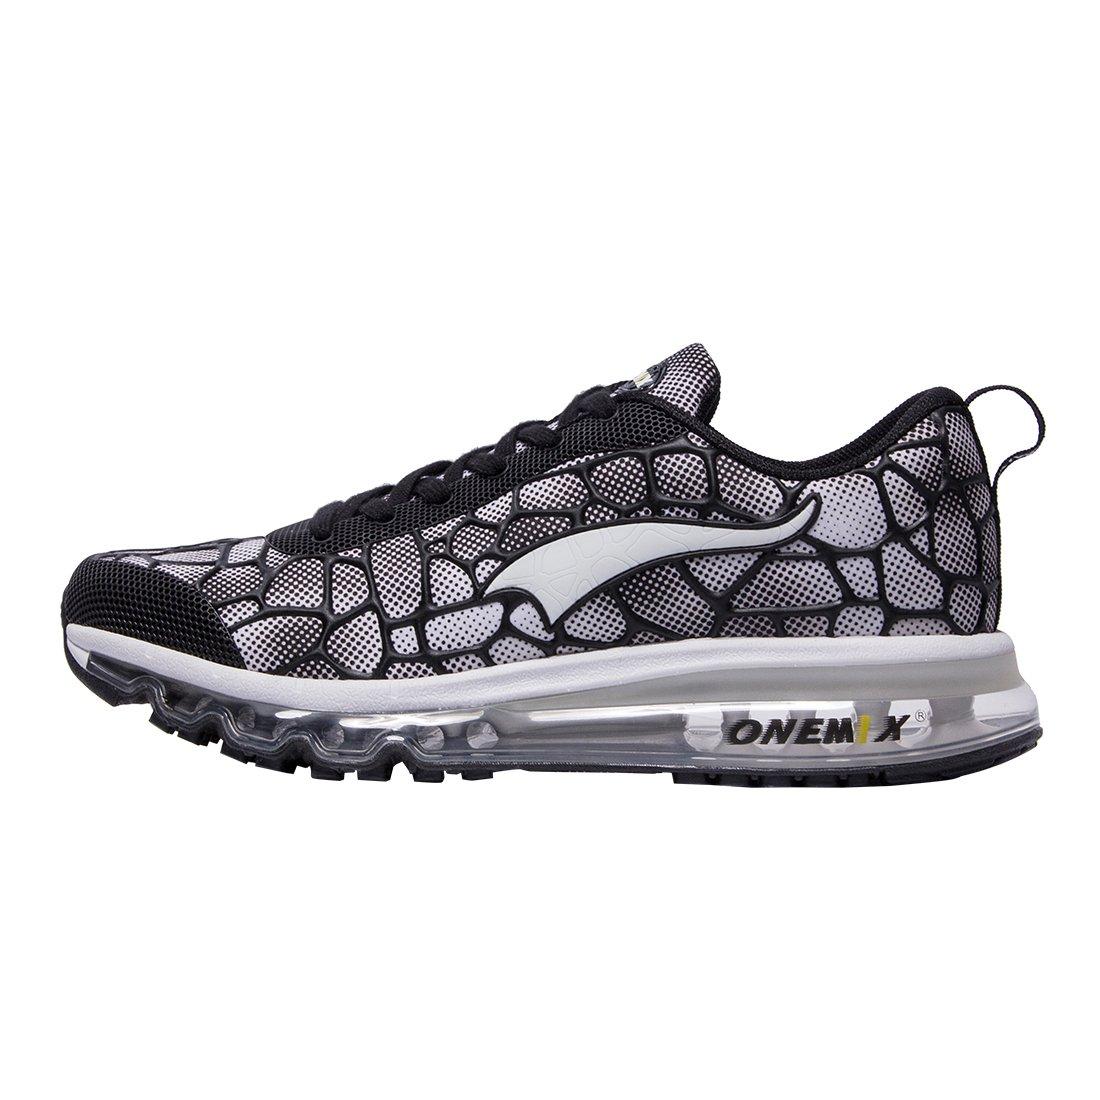 ONEMIX Hommes et Femmes Air Coussin Max Chaussures de de Chaussures Course Baskets pour Marche Sport Athlétique Fitness Sneaker Running 44 EU Noir / Blanc 774ed4